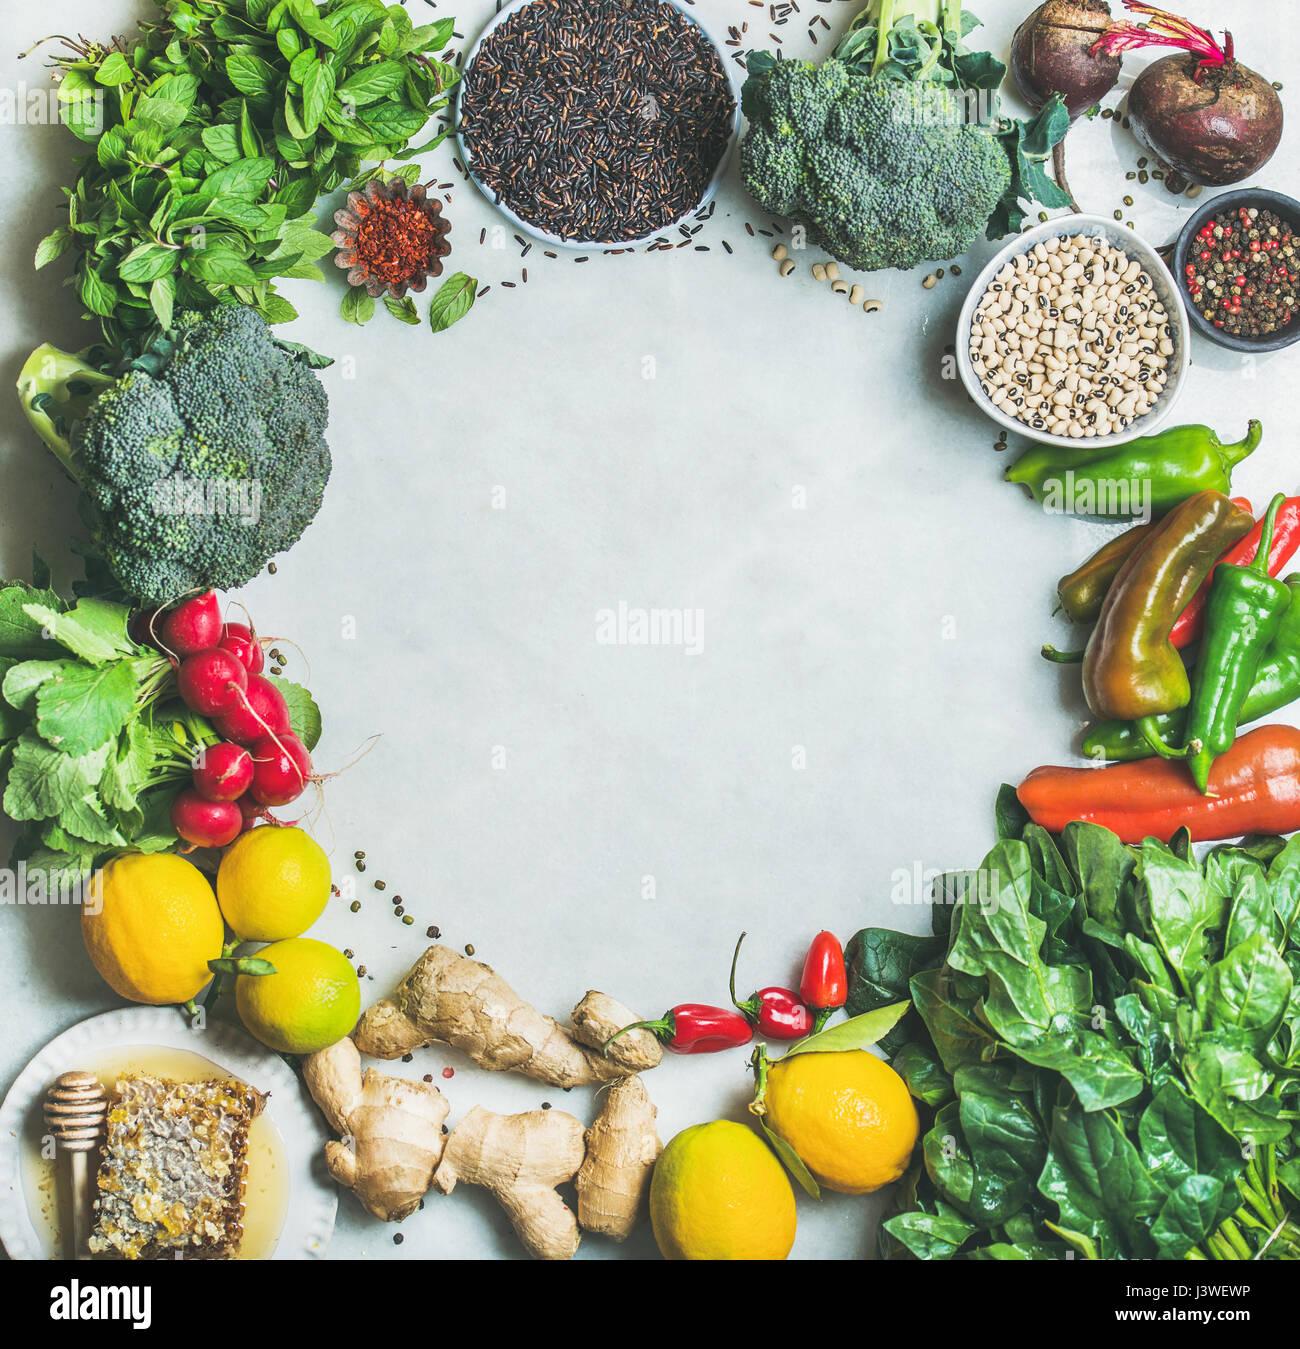 Ingrédients de cuisine manger sain propre sur fond de marbre gris Photo Stock